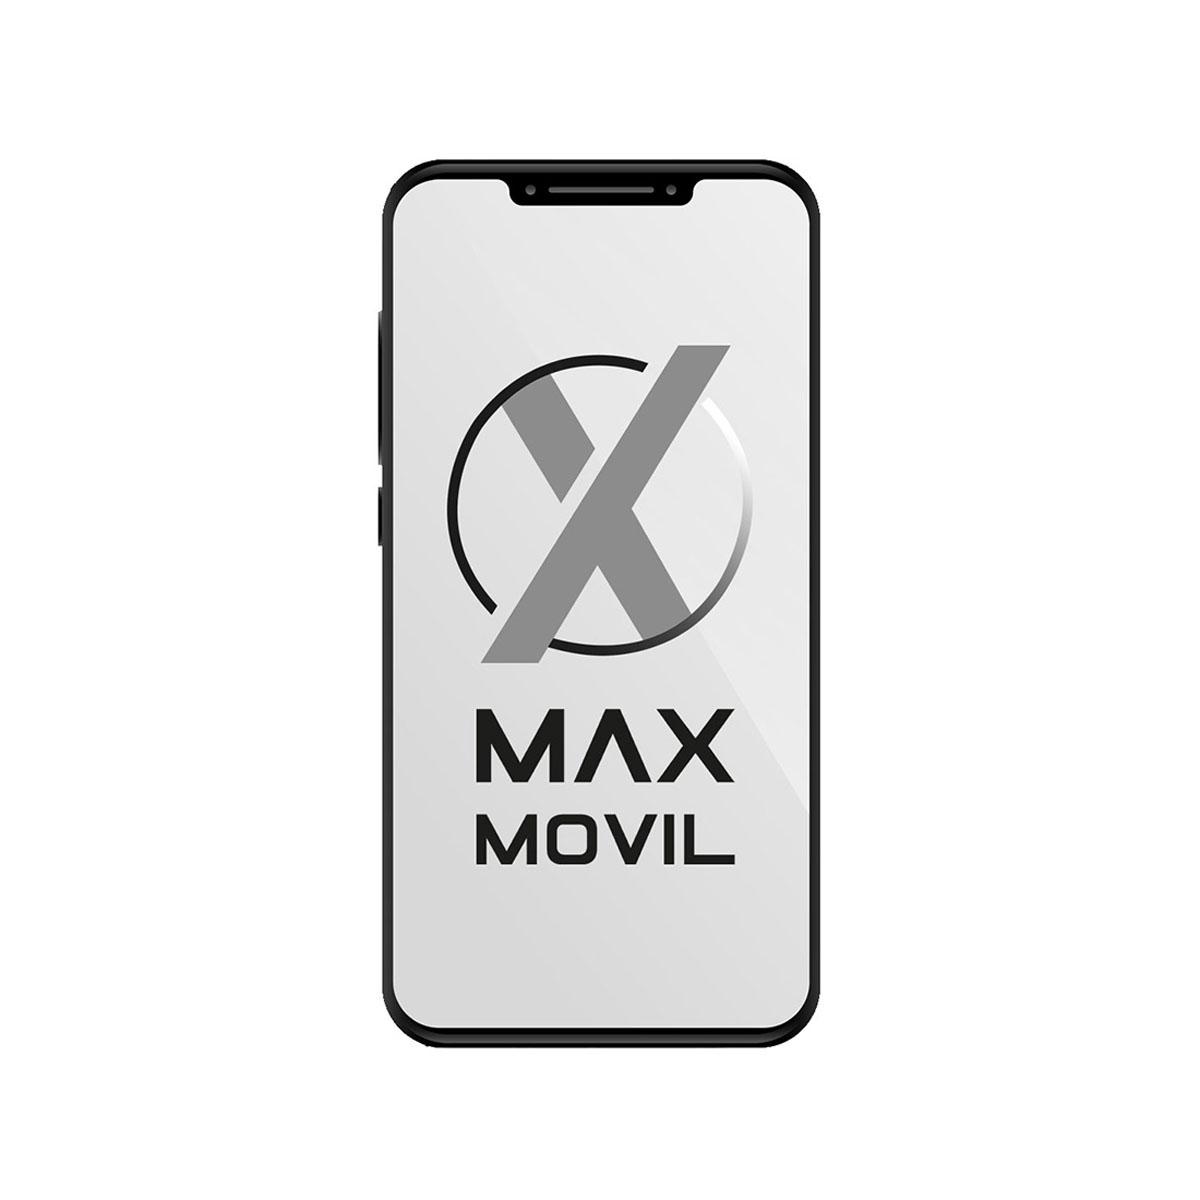 Cargador de coche blanco para iPhone 5